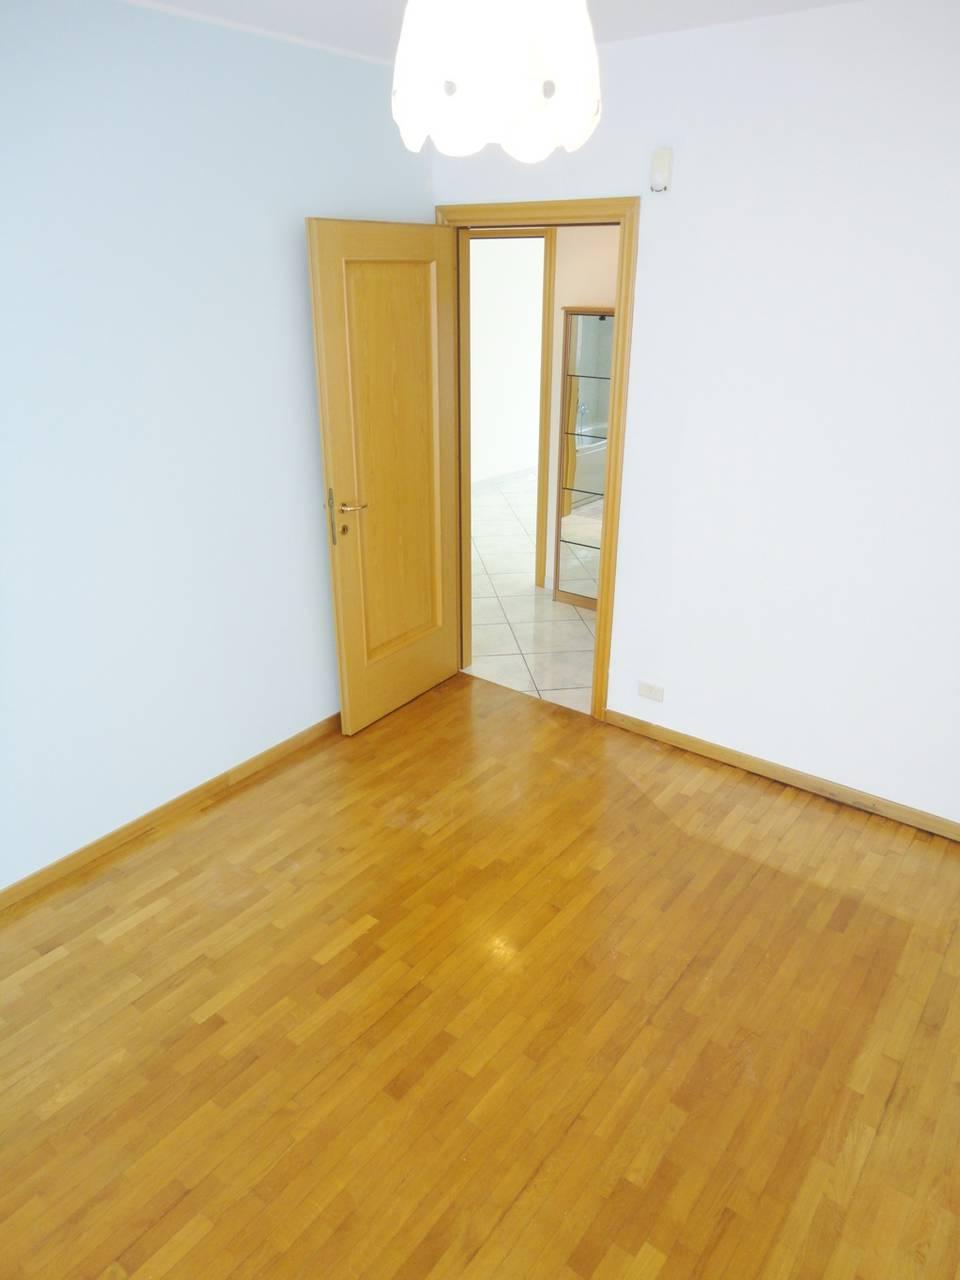 Appartamento-con-giardino-privato-in-vendita-a-San-Giuliano-Milanese-15